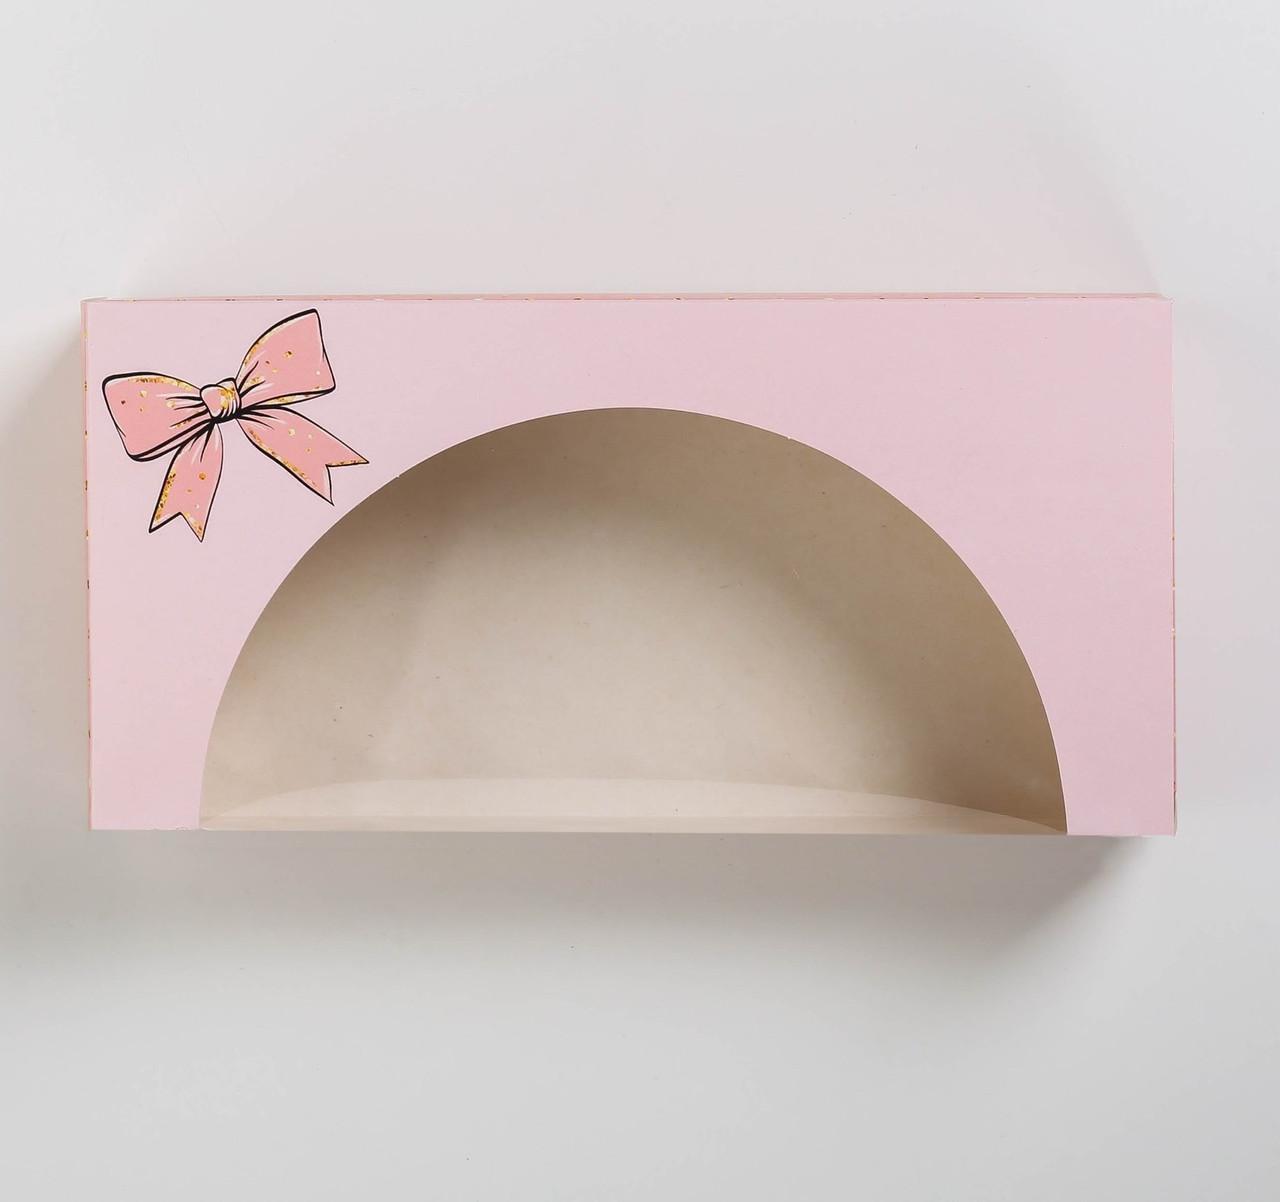 Коробка складная «Нежность», 20 x 10 x 5 см - фото 2